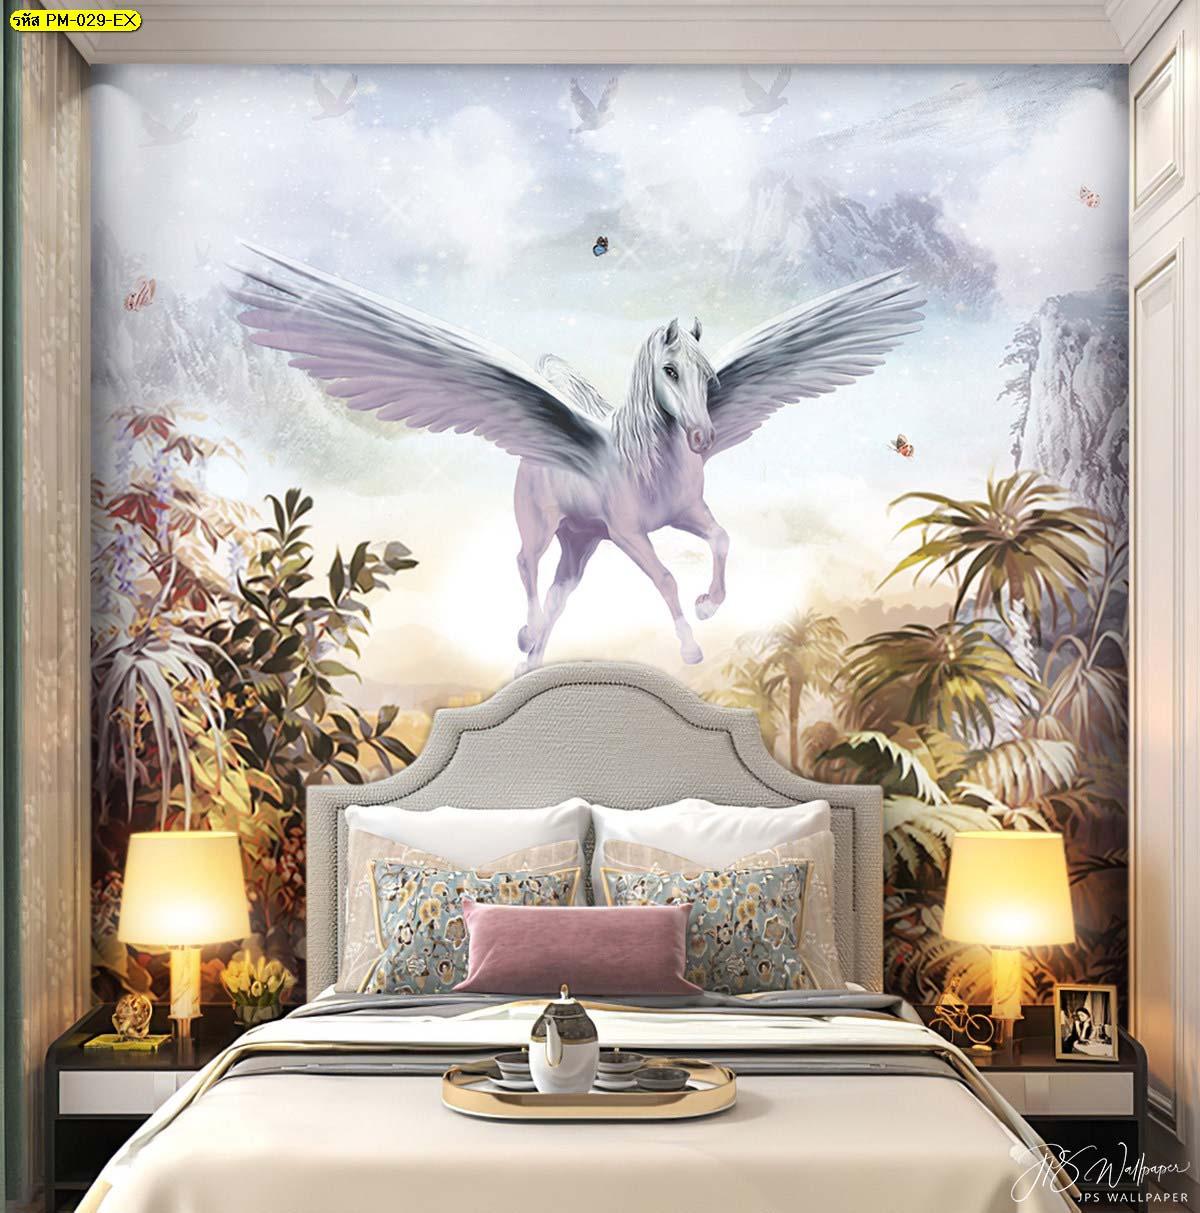 ภาพสั่งพิมพ์ลายเพกาซัส ลายวอลเปเปอร์ห้องนอน ไอเดียการแต่งห้องนอน